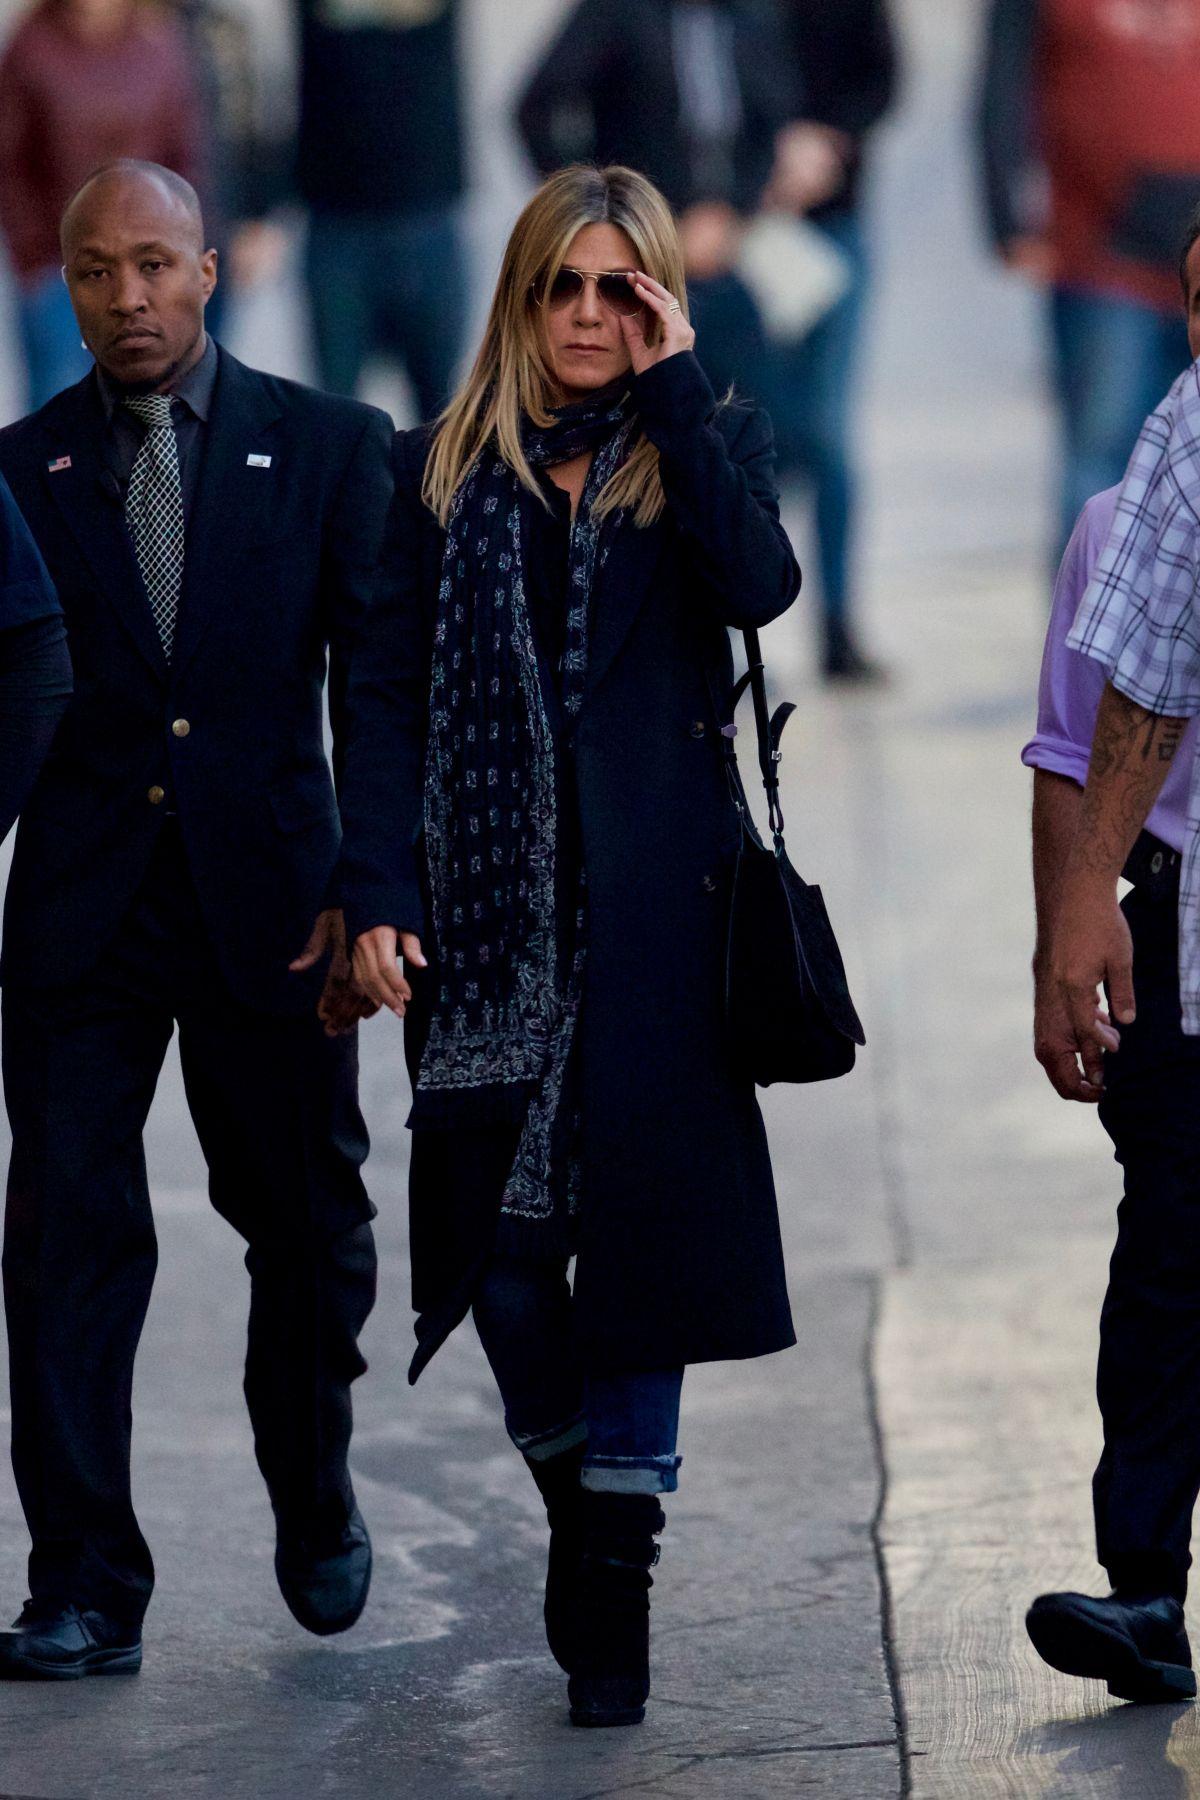 JENNIFER ANISTON Arrives at Jimmy Kimmel Live in Hollywood 12/08/2016   jennifer-aniston-arrives-at-jimmy-kimmel-live-in-hollywood-12-08-2016_6